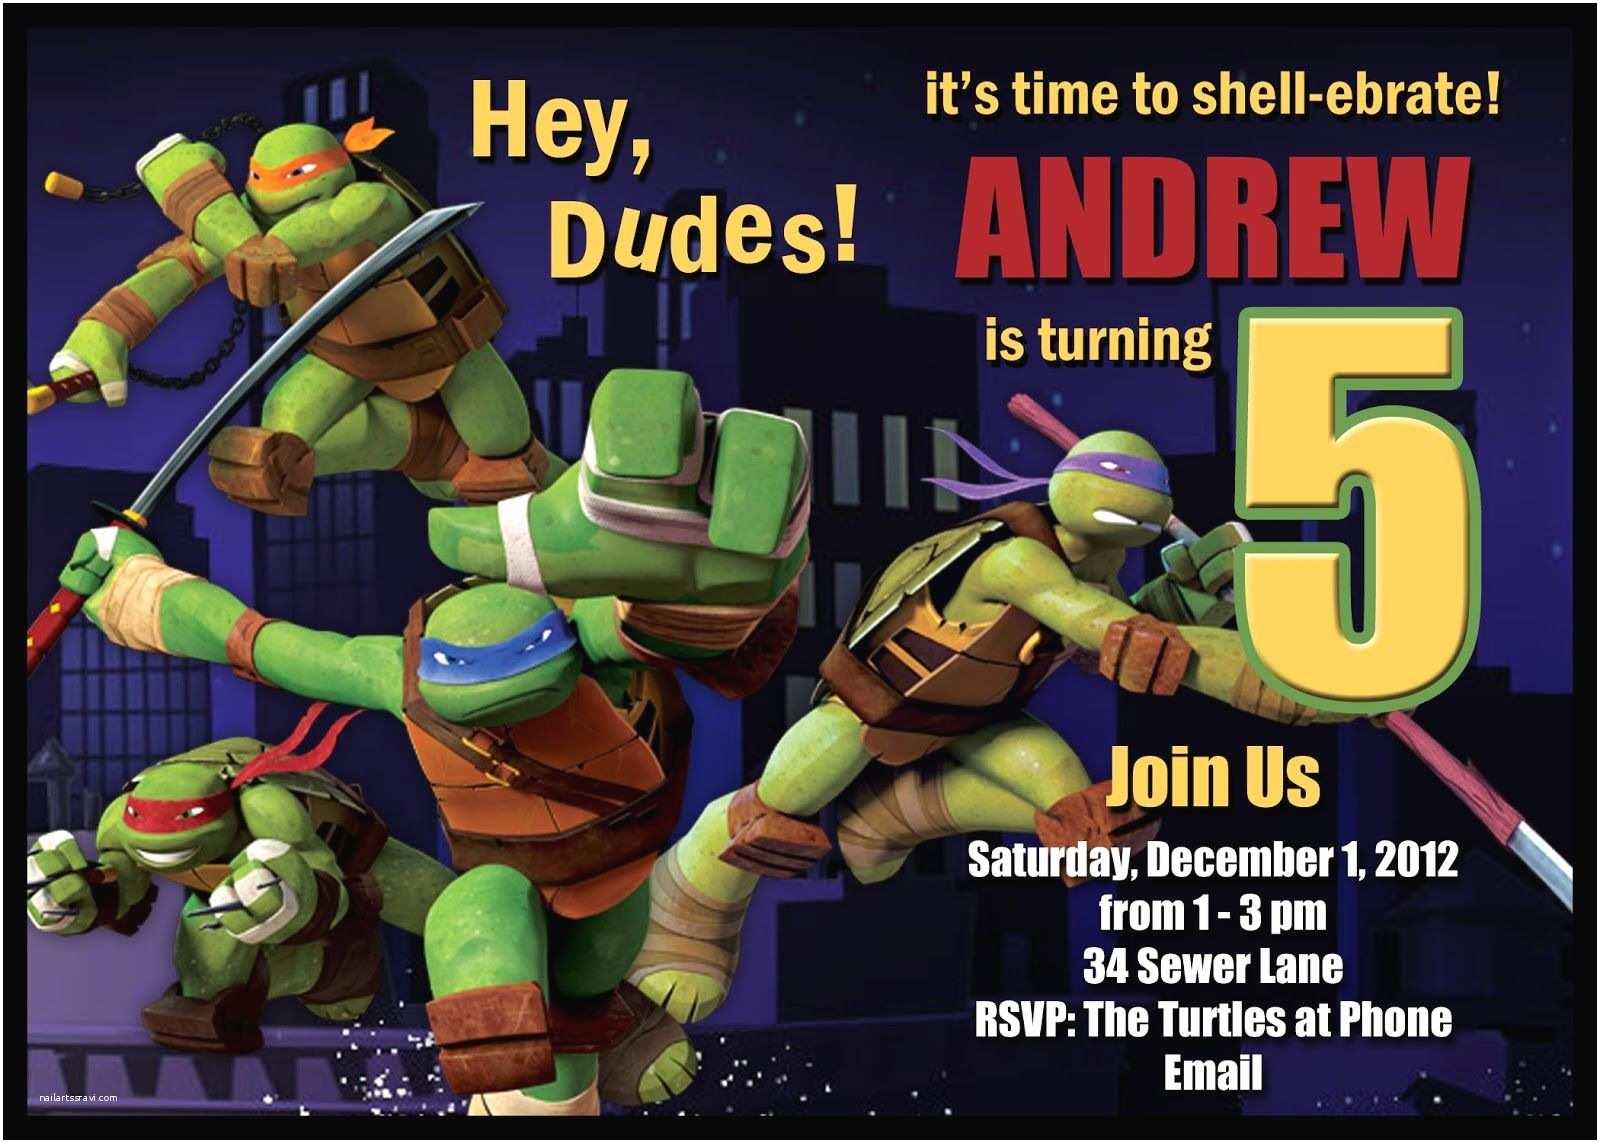 Ninja Turtle Party Invitations Download Free Template Teenage Mutant Ninja Turtle